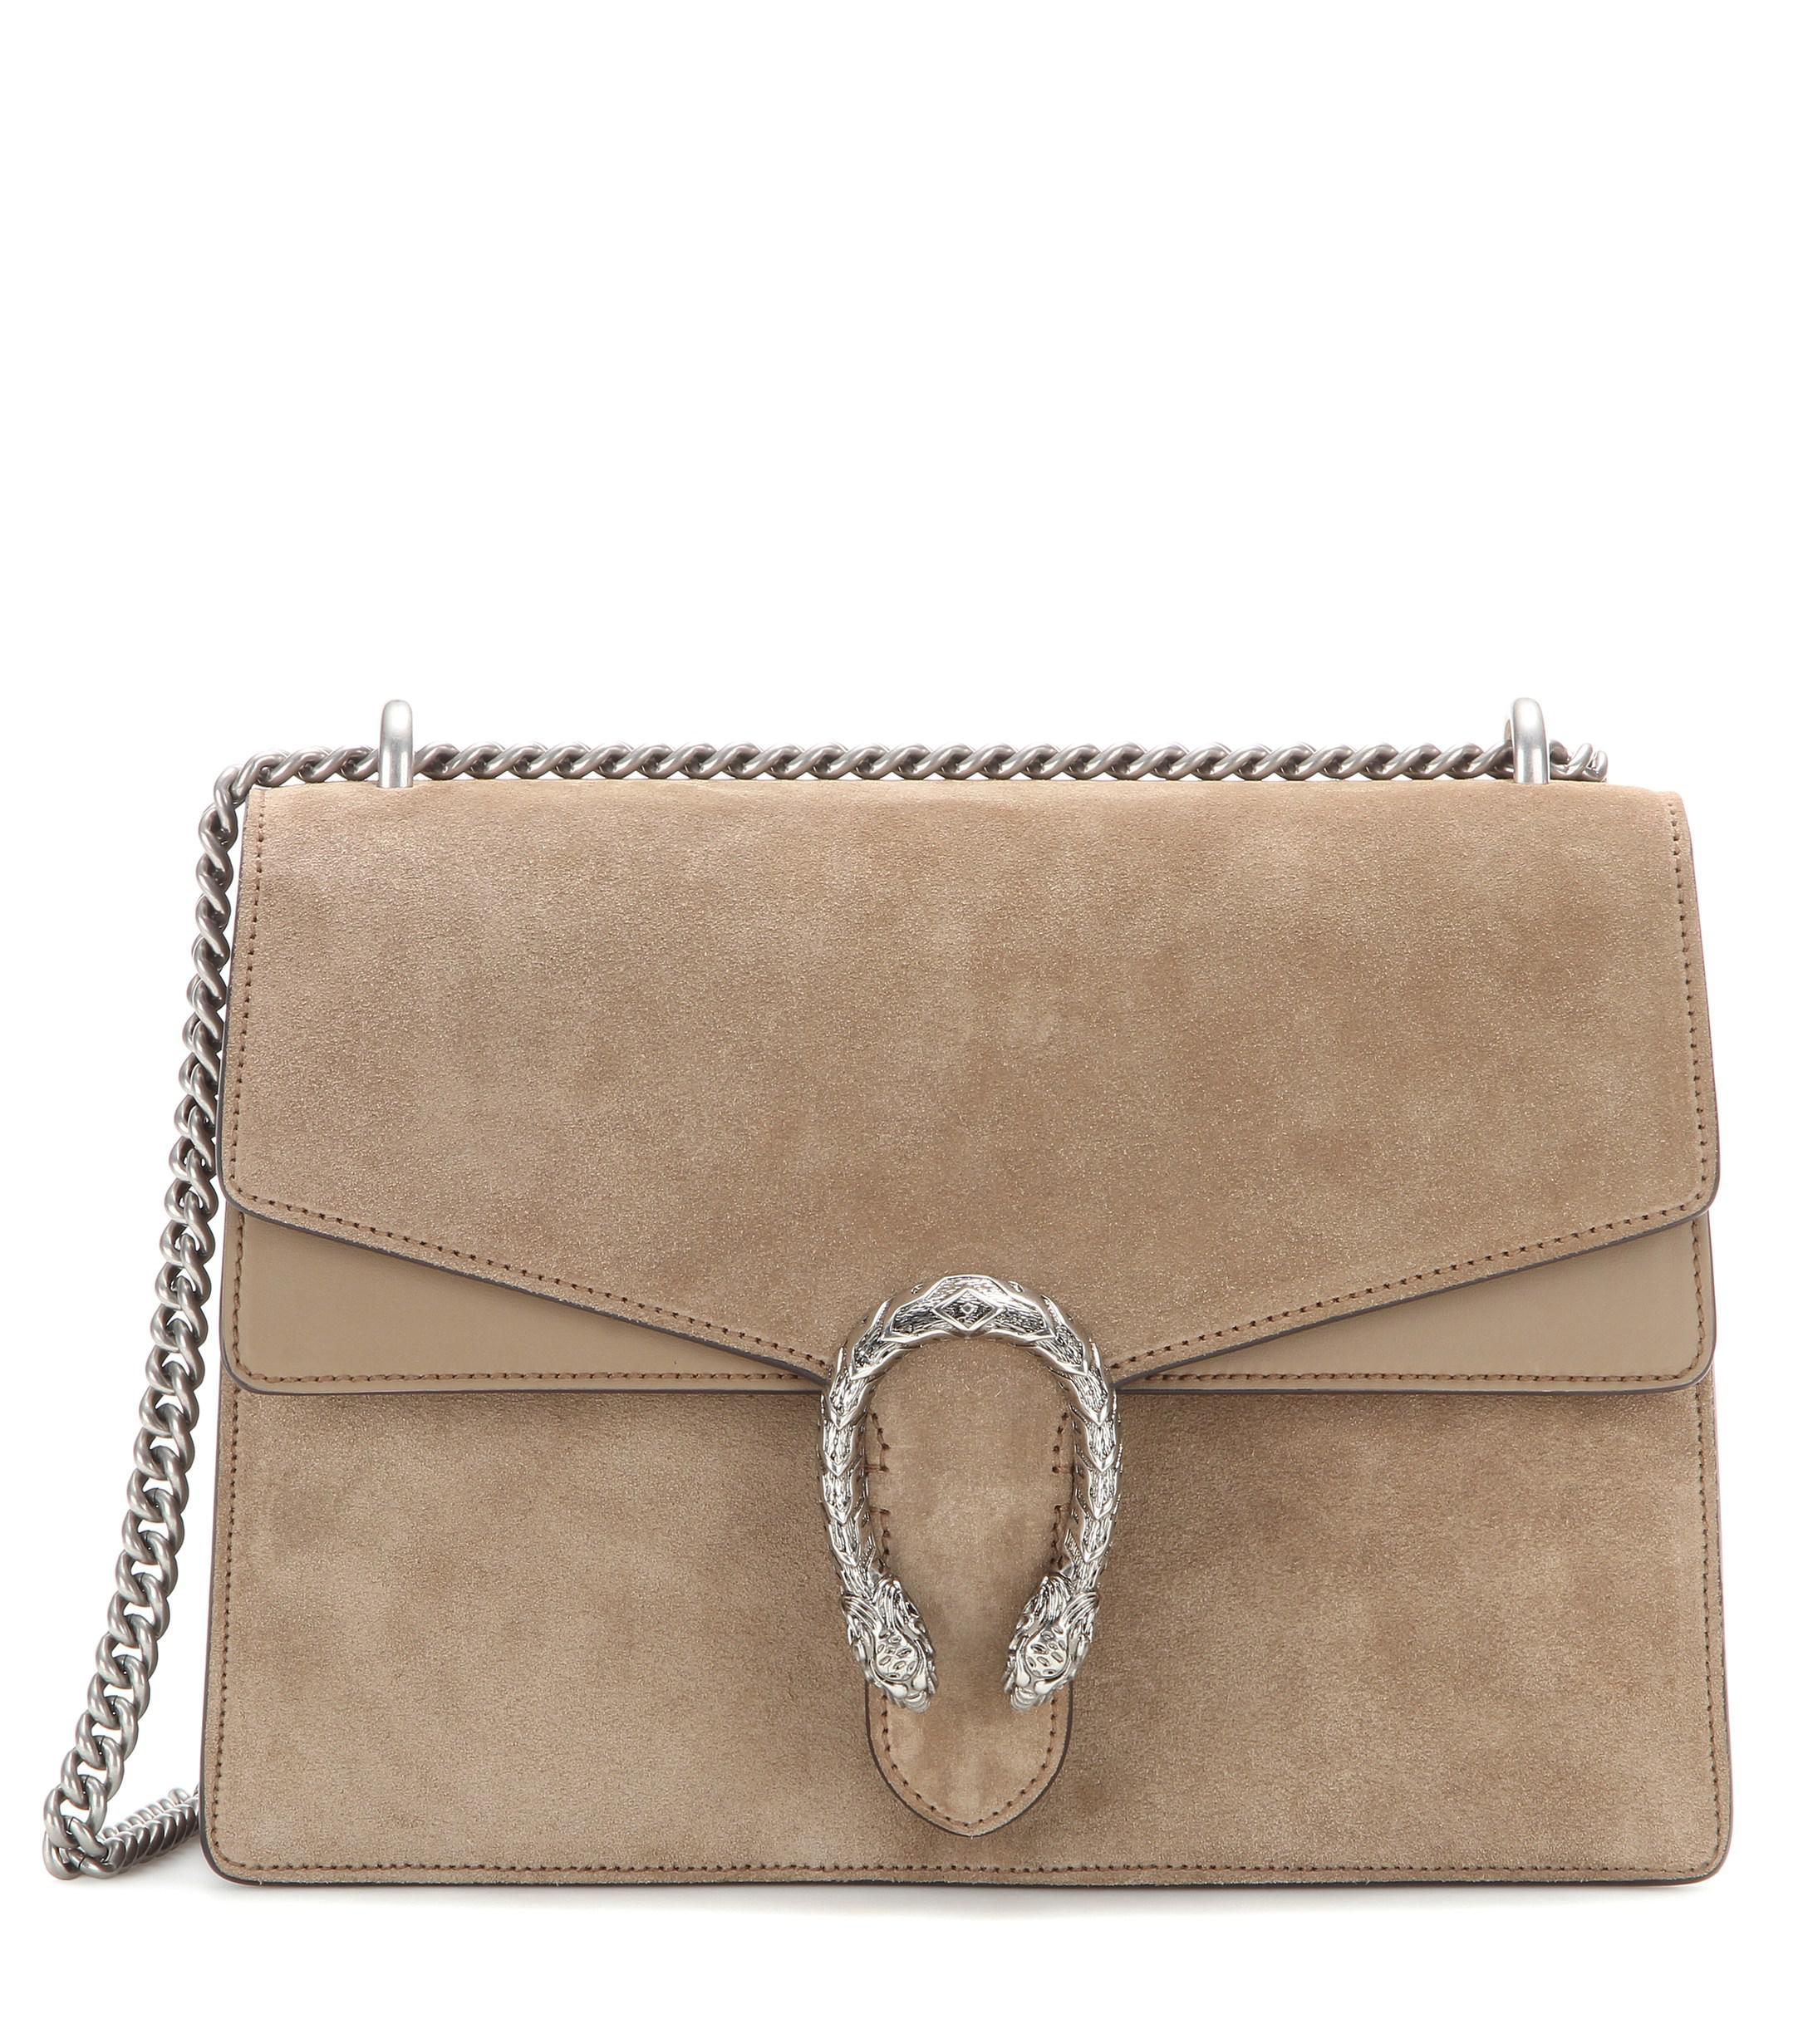 2f3da57a1cd1 Gucci Dionysus Medium Suede Shoulder Bag in Brown - Lyst